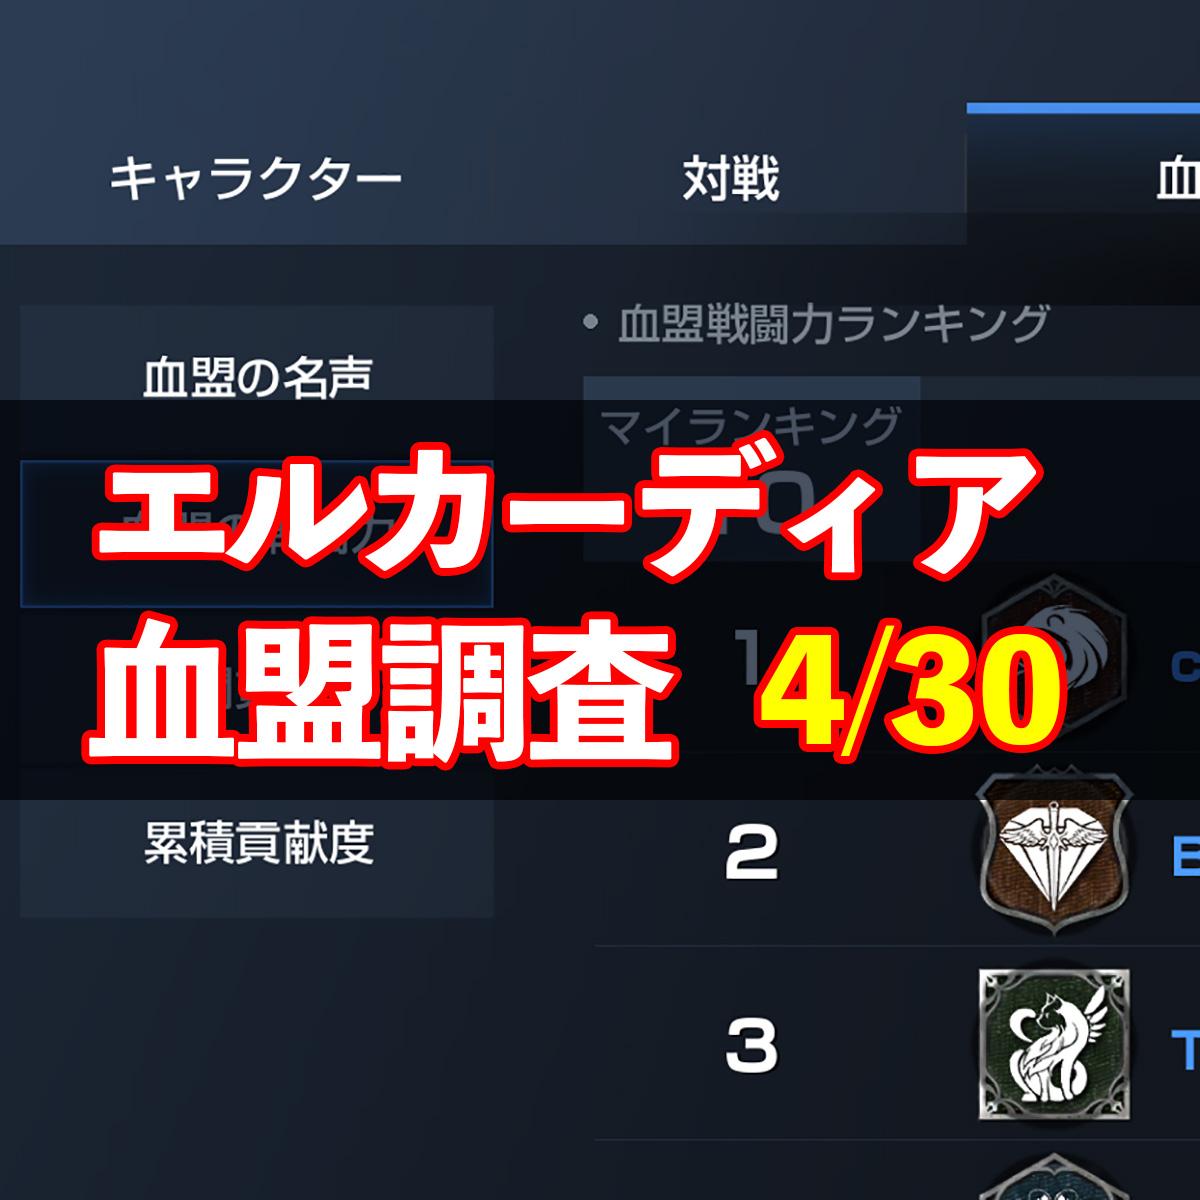 4/30エルカーディア情報 上位血盟の戦力を徹底分析!